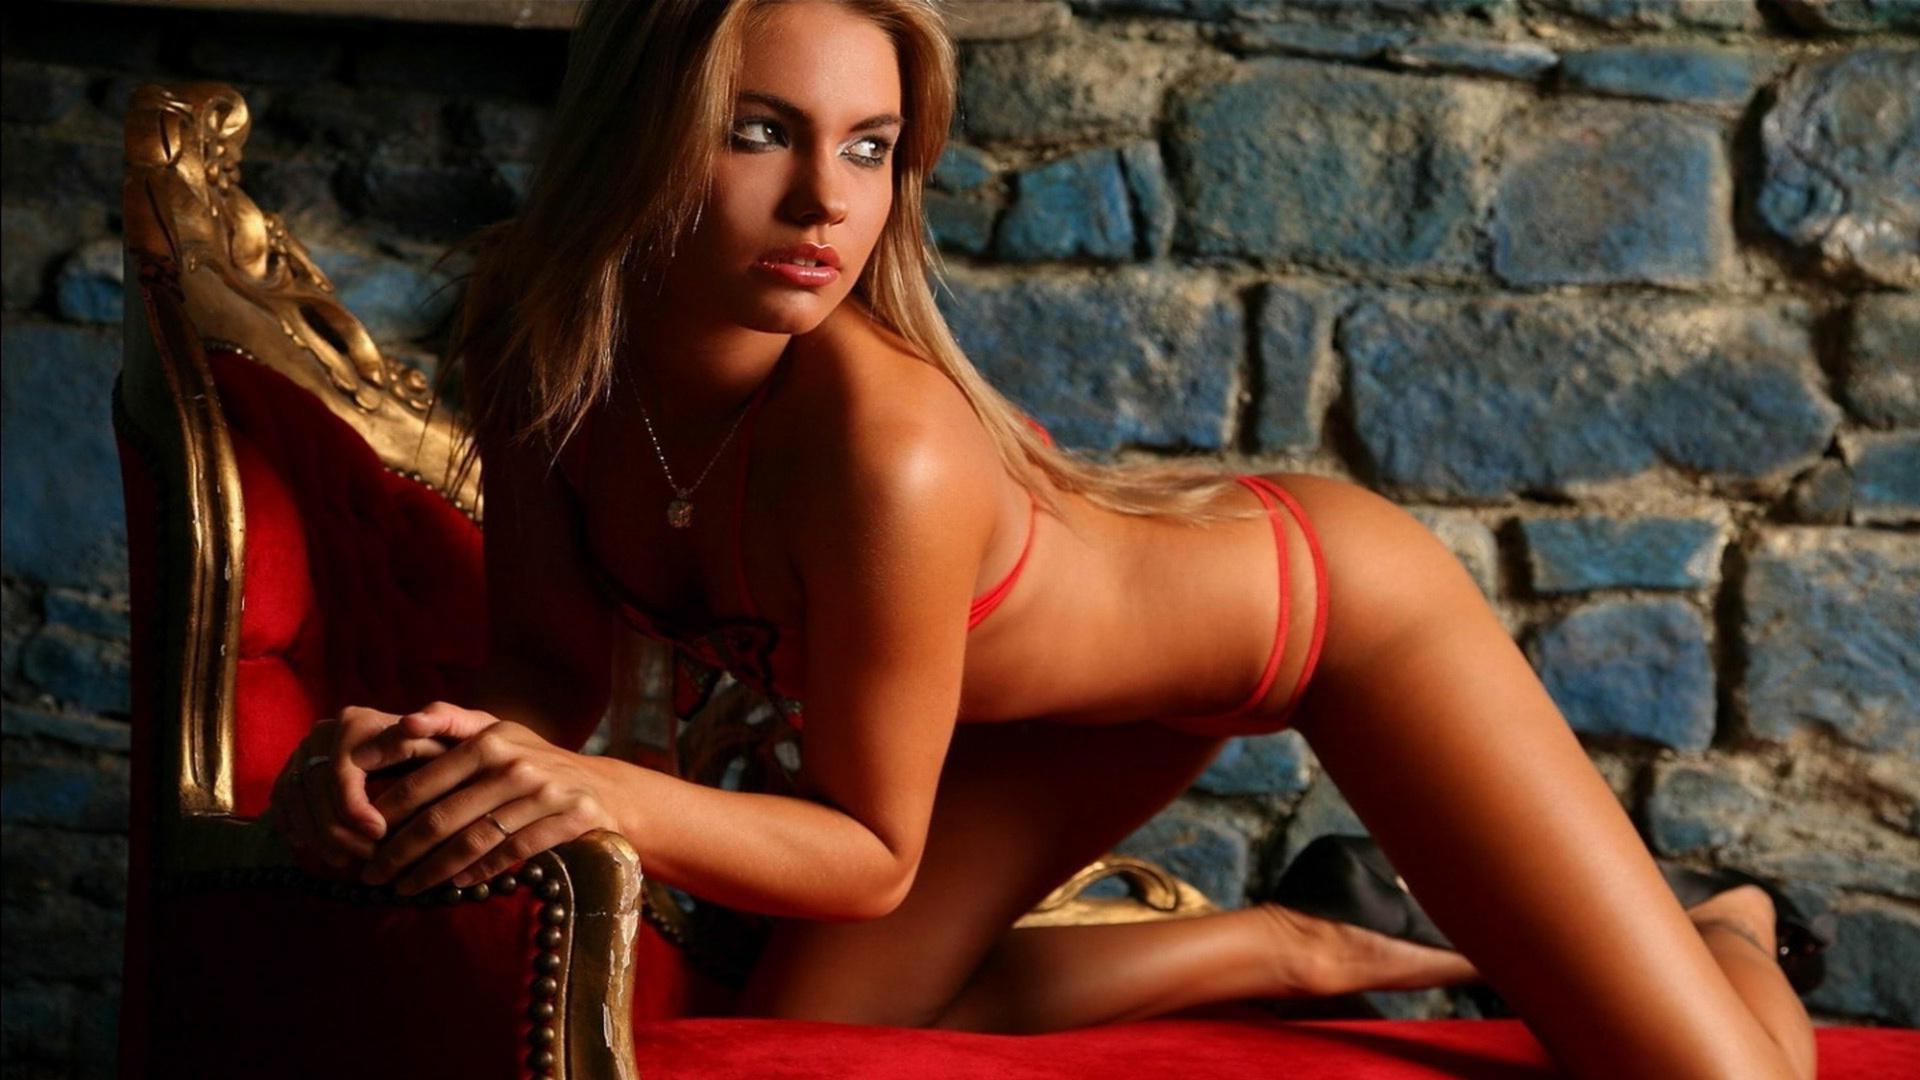 Секс с красотками моделями